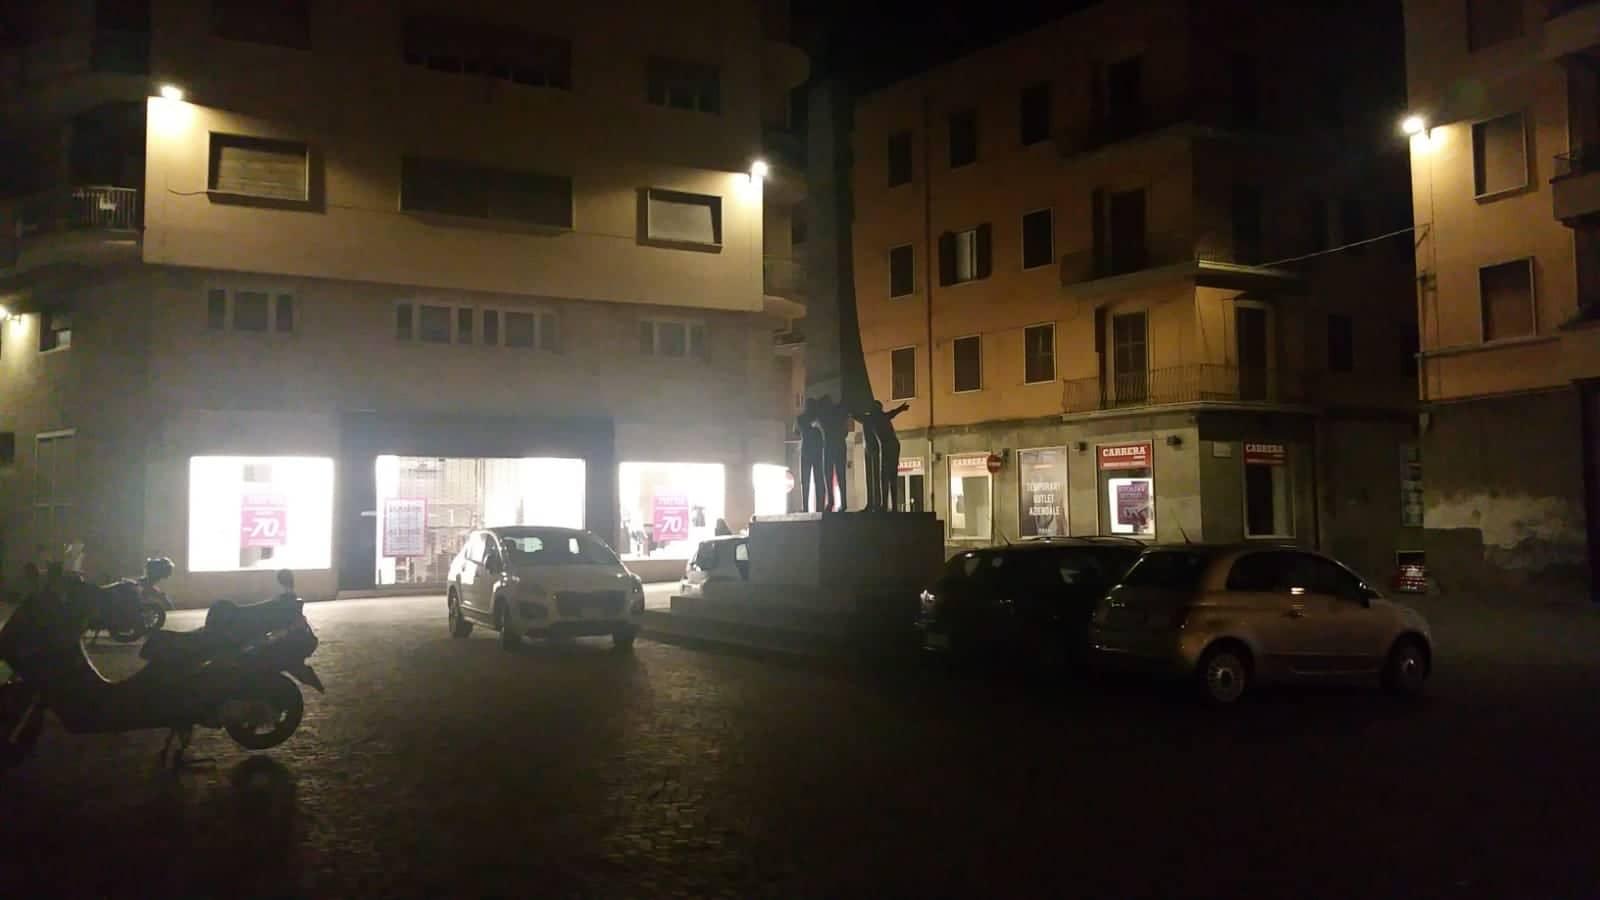 Viterbo, grave episodio di bullismo nei confronti di un disabile in pieno centro a Piazza della Repubblica, aumentano violenza, volgarità  e degrado culturale tra i giovani viterbesi